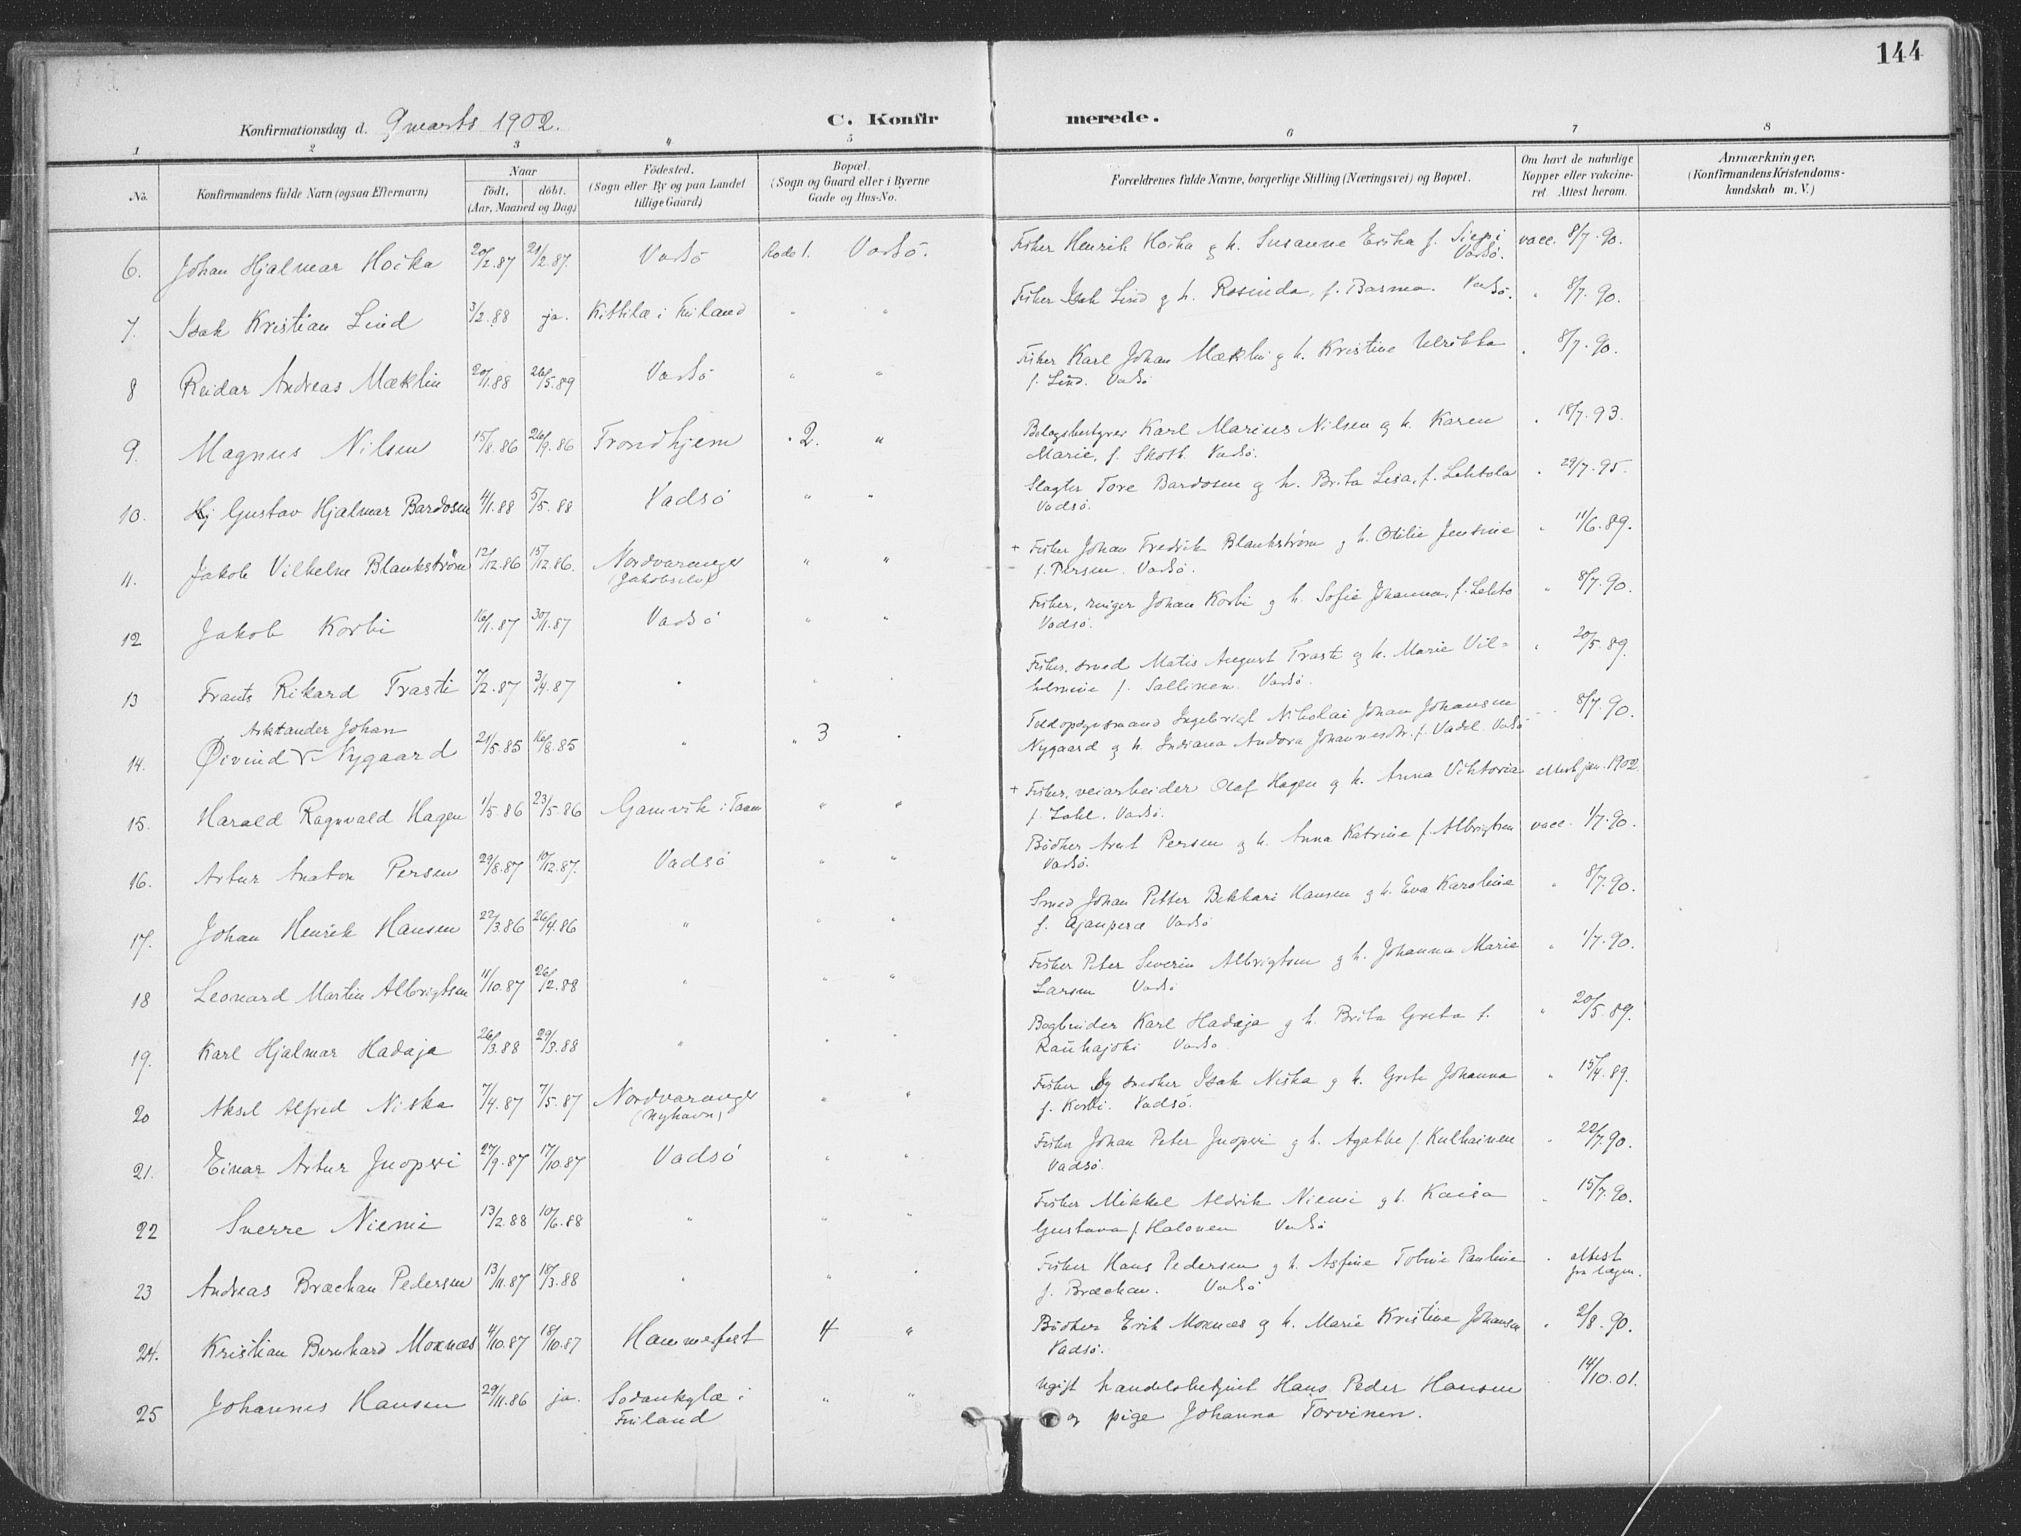 SATØ, Vadsø sokneprestkontor, H/Ha/L0007kirke: Ministerialbok nr. 7, 1896-1916, s. 144